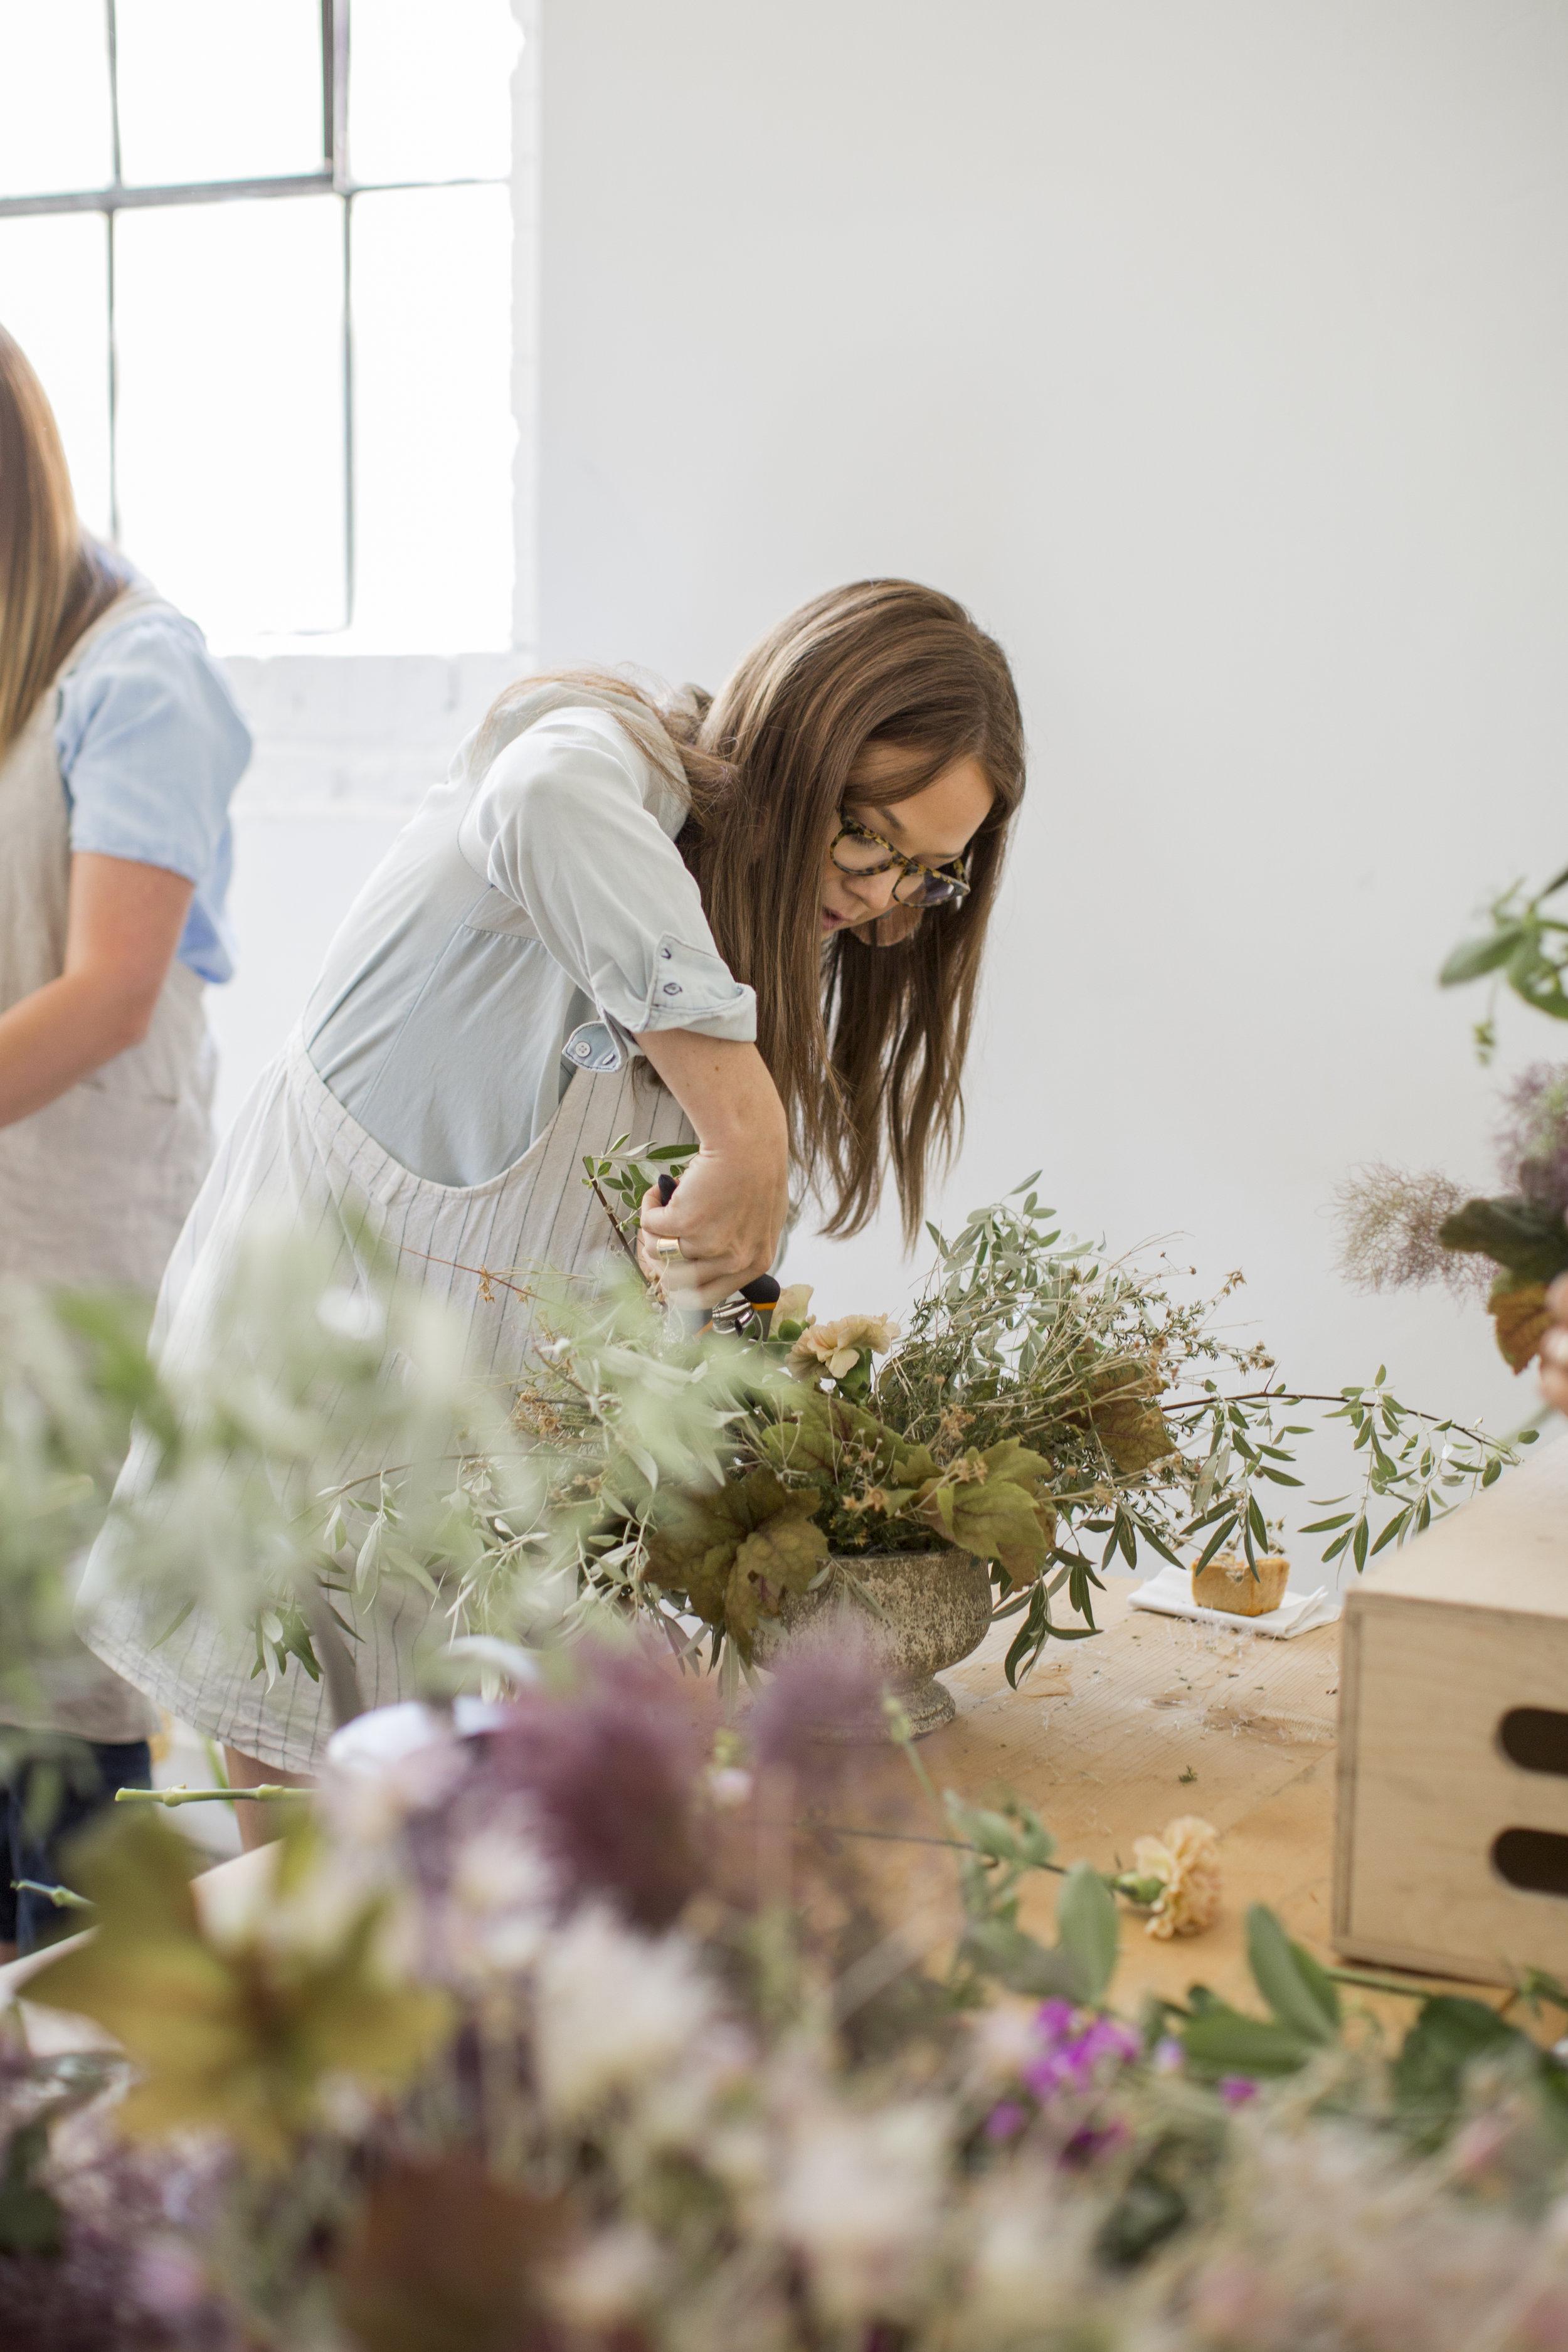 Amanda Page -  Owner |Lead Floral Designer